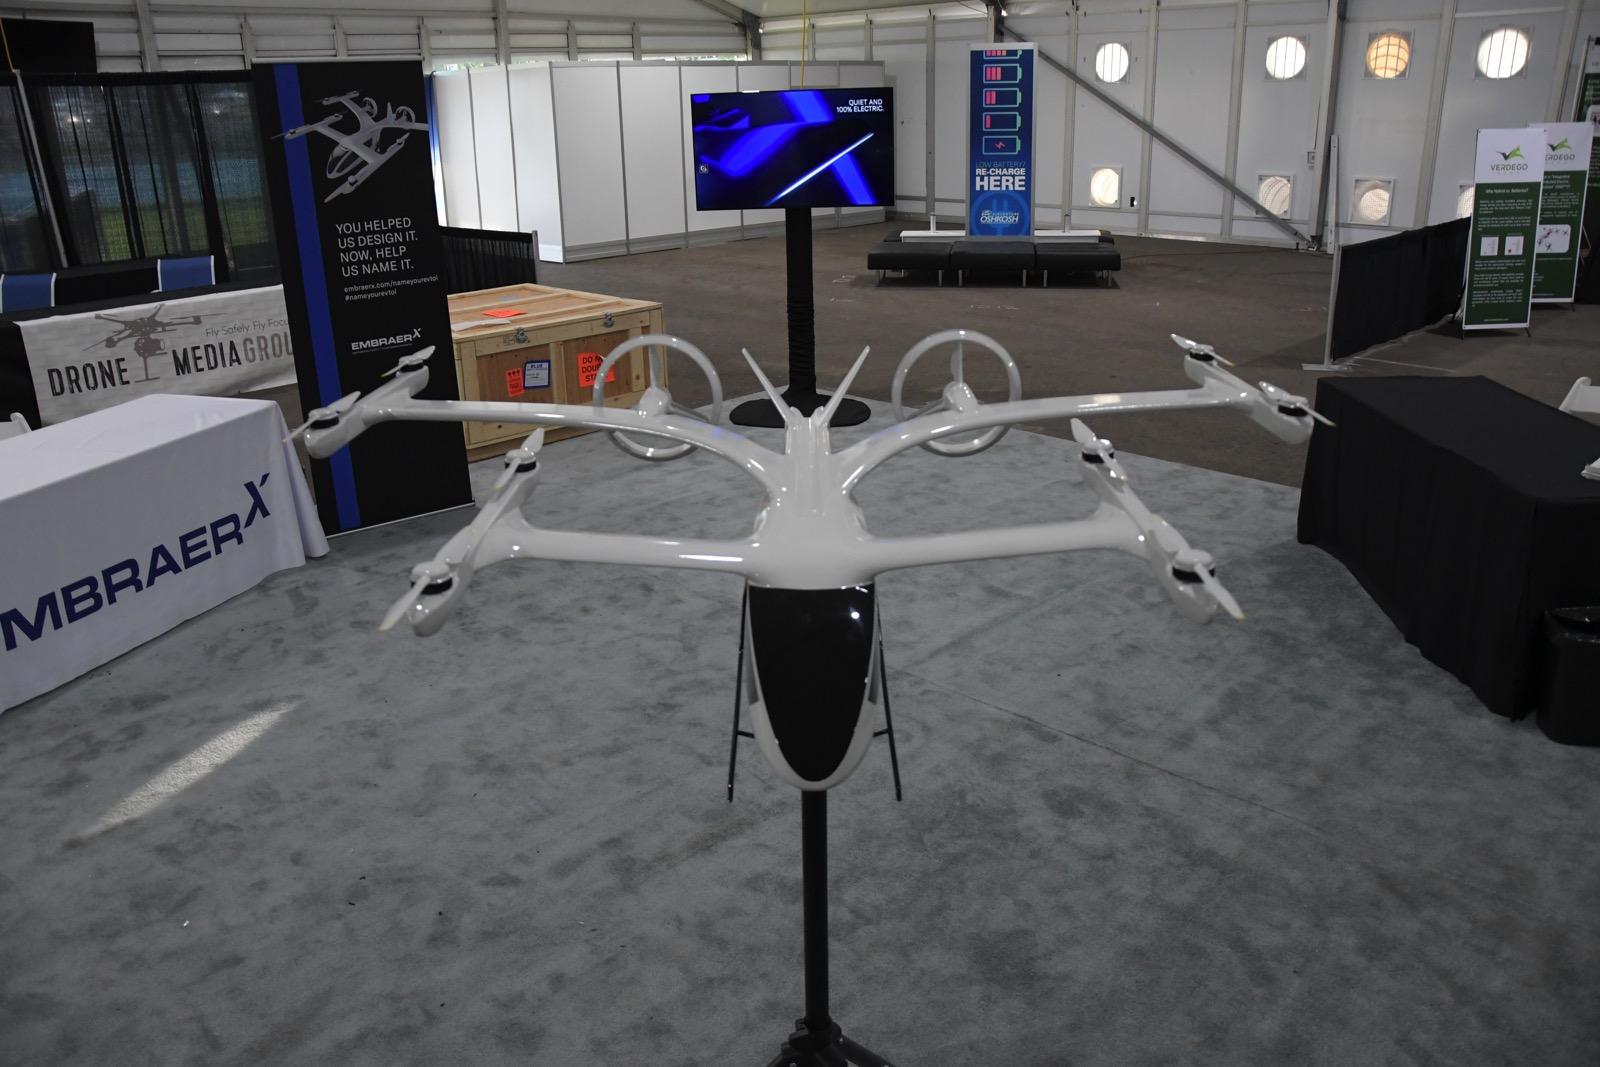 Embraer X eVTOL model